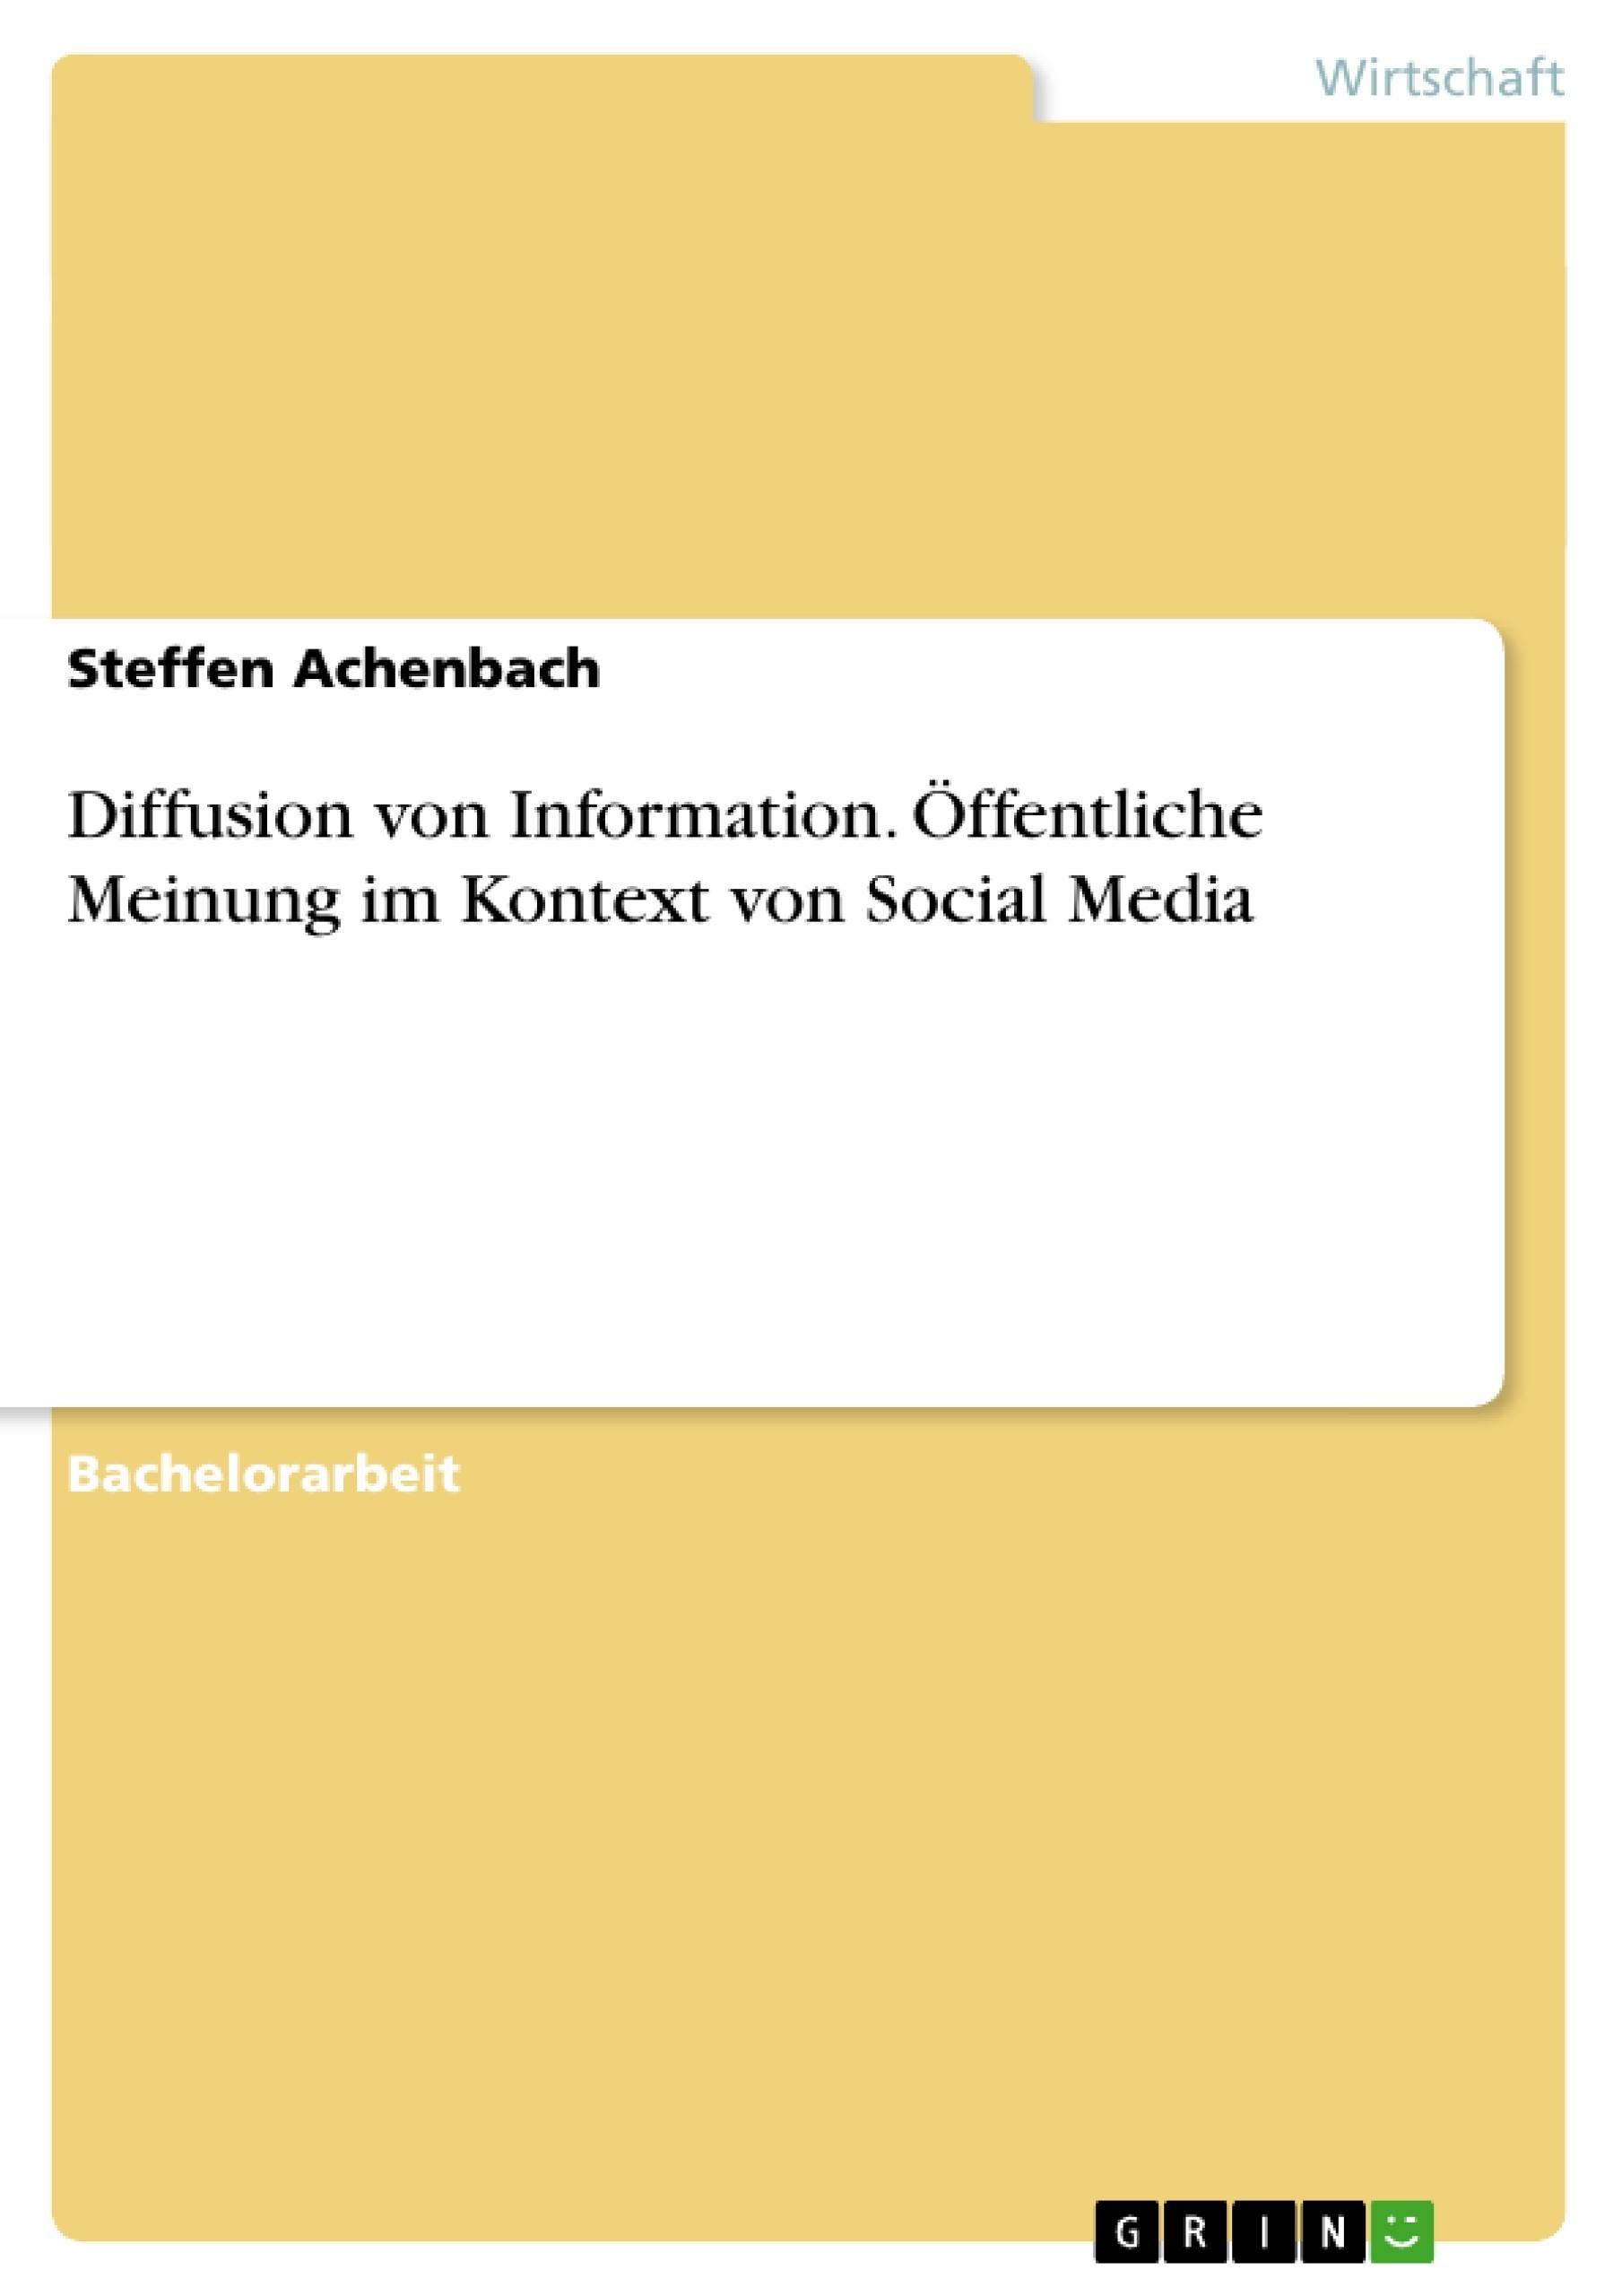 Titel: Diffusion von Information. Öffentliche Meinung im Kontext von Social Media